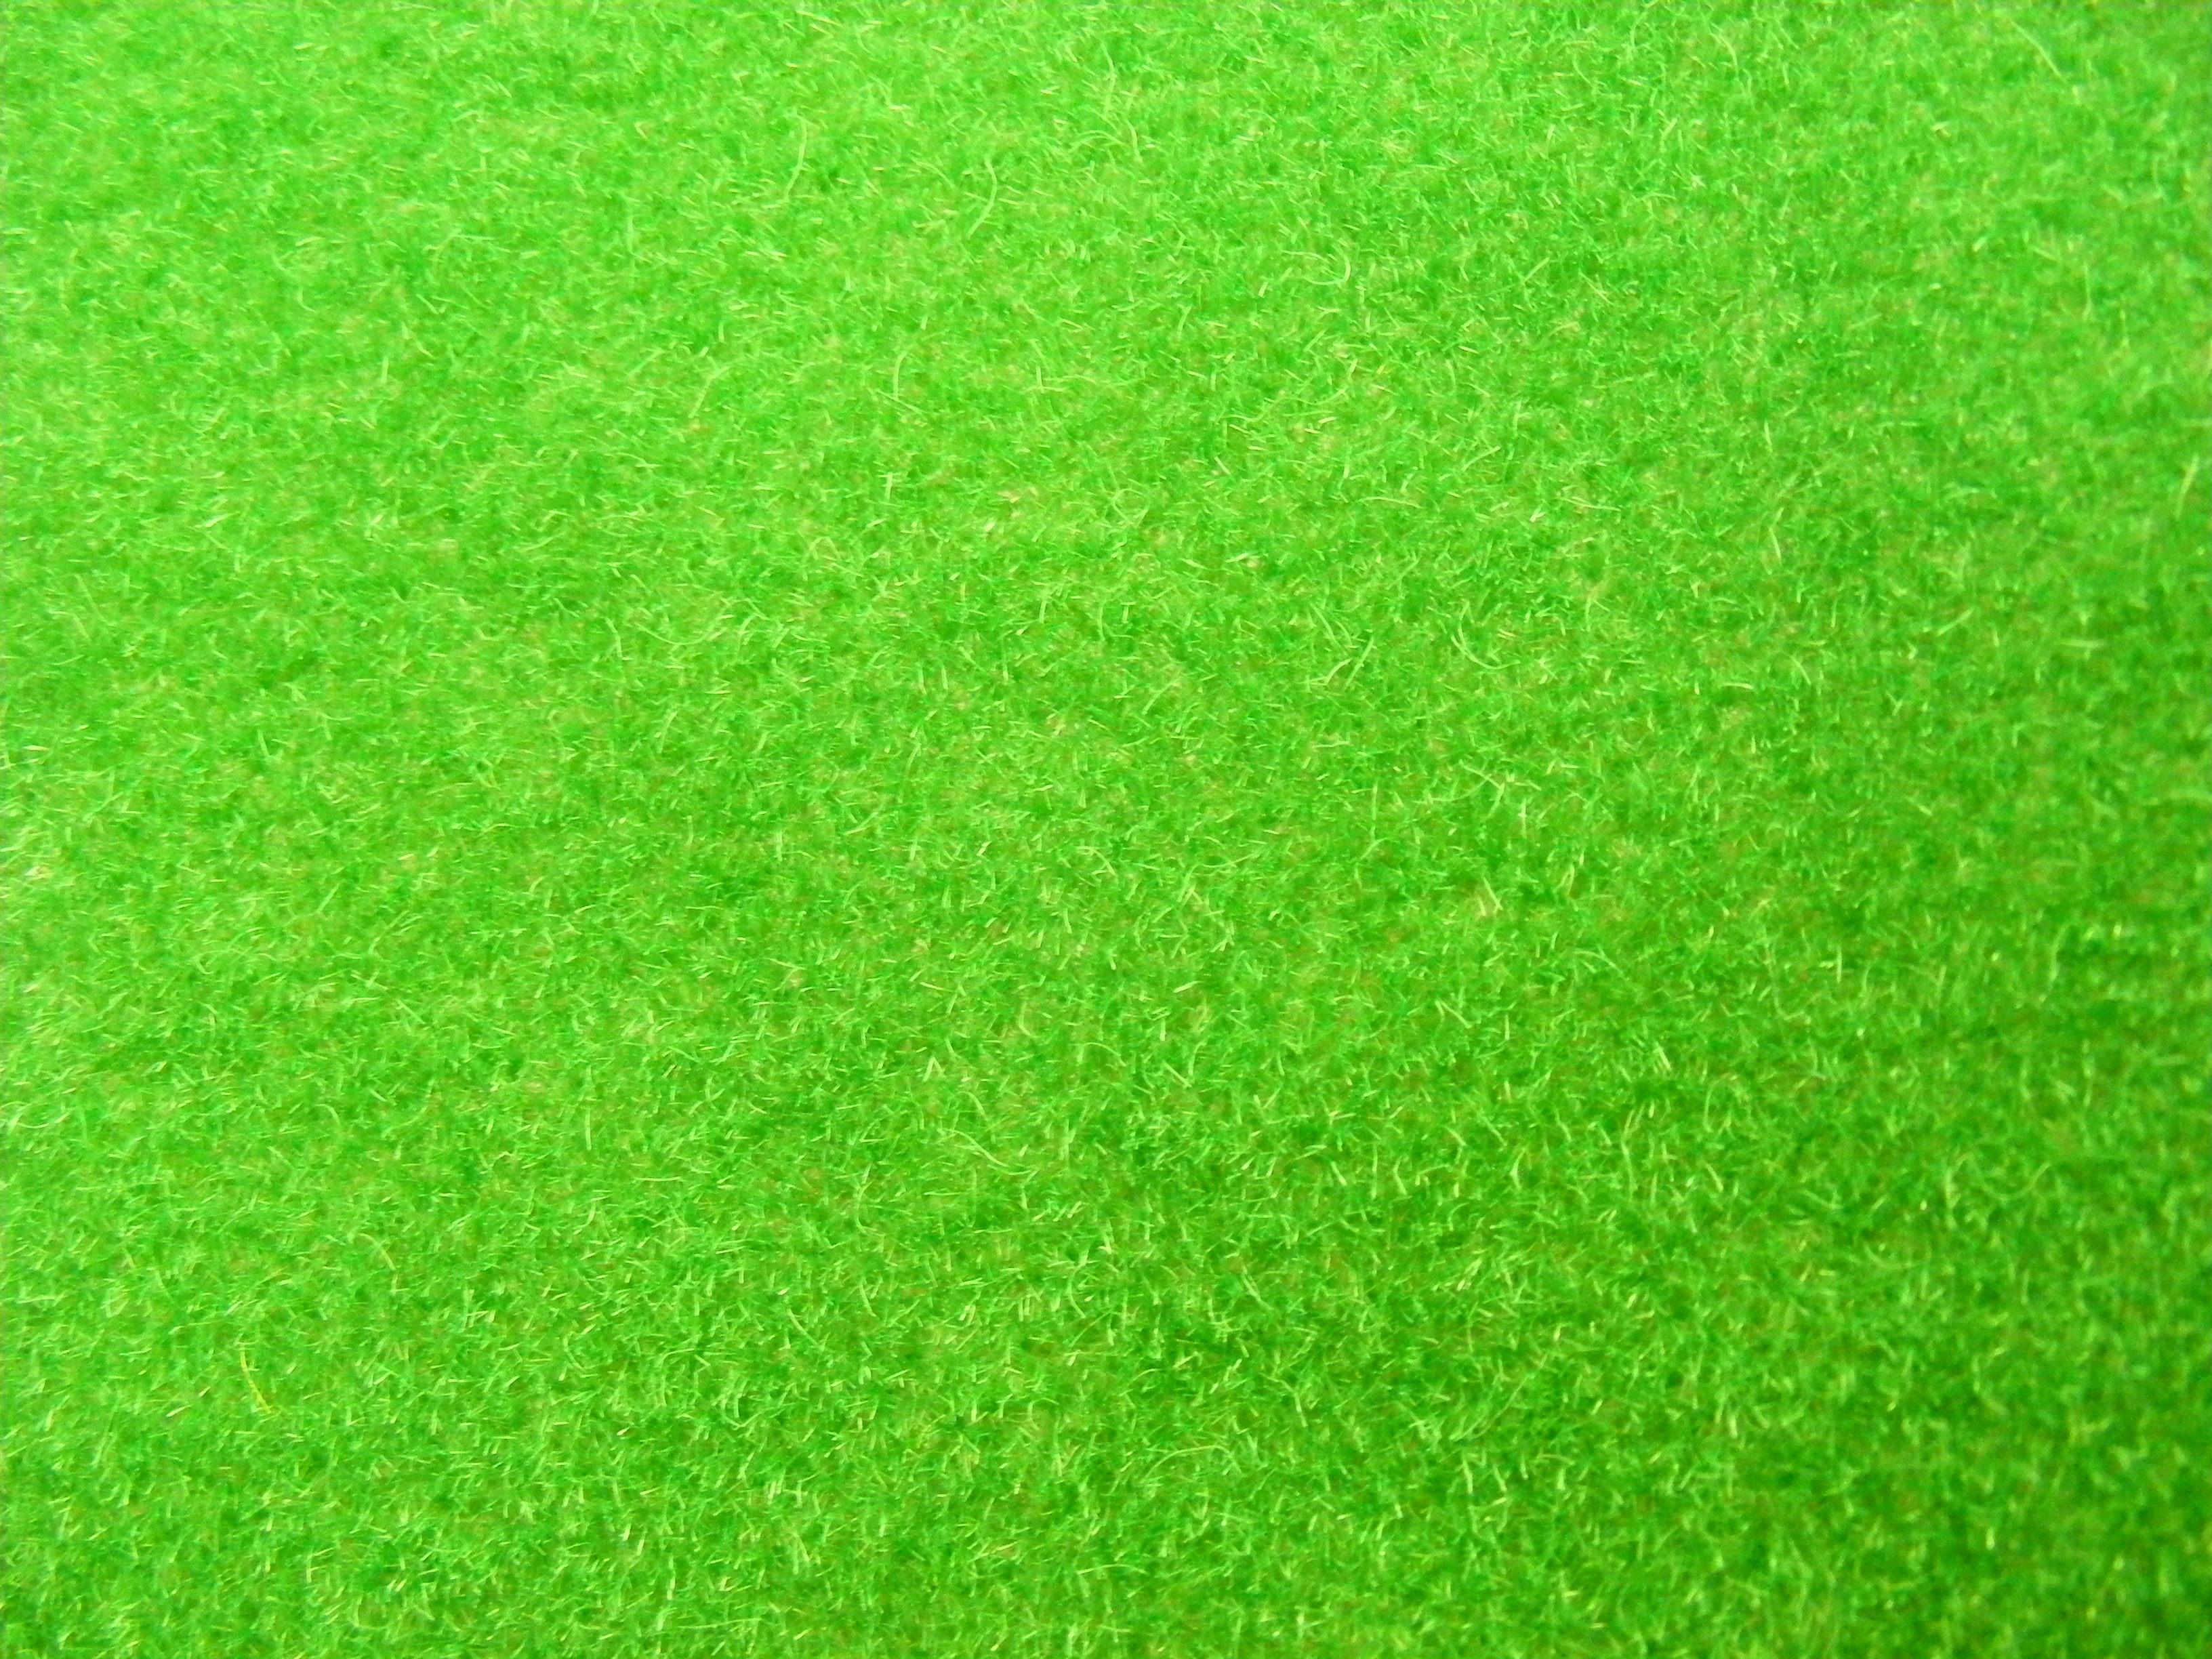 Grass Texture Clipart.